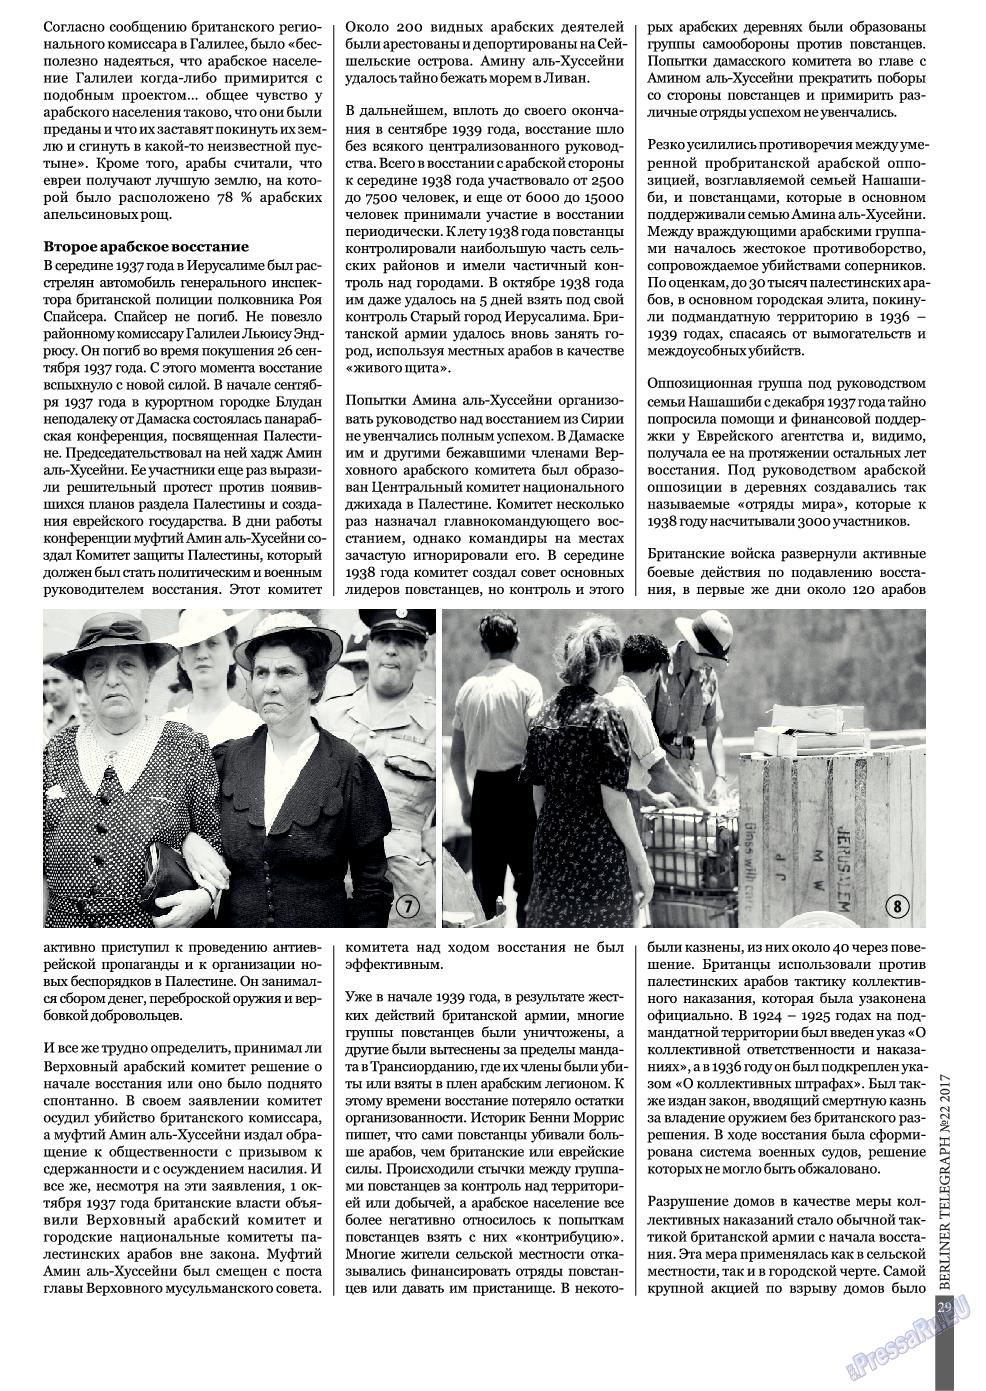 Берлинский телеграф (журнал). 2017 год, номер 22, стр. 29